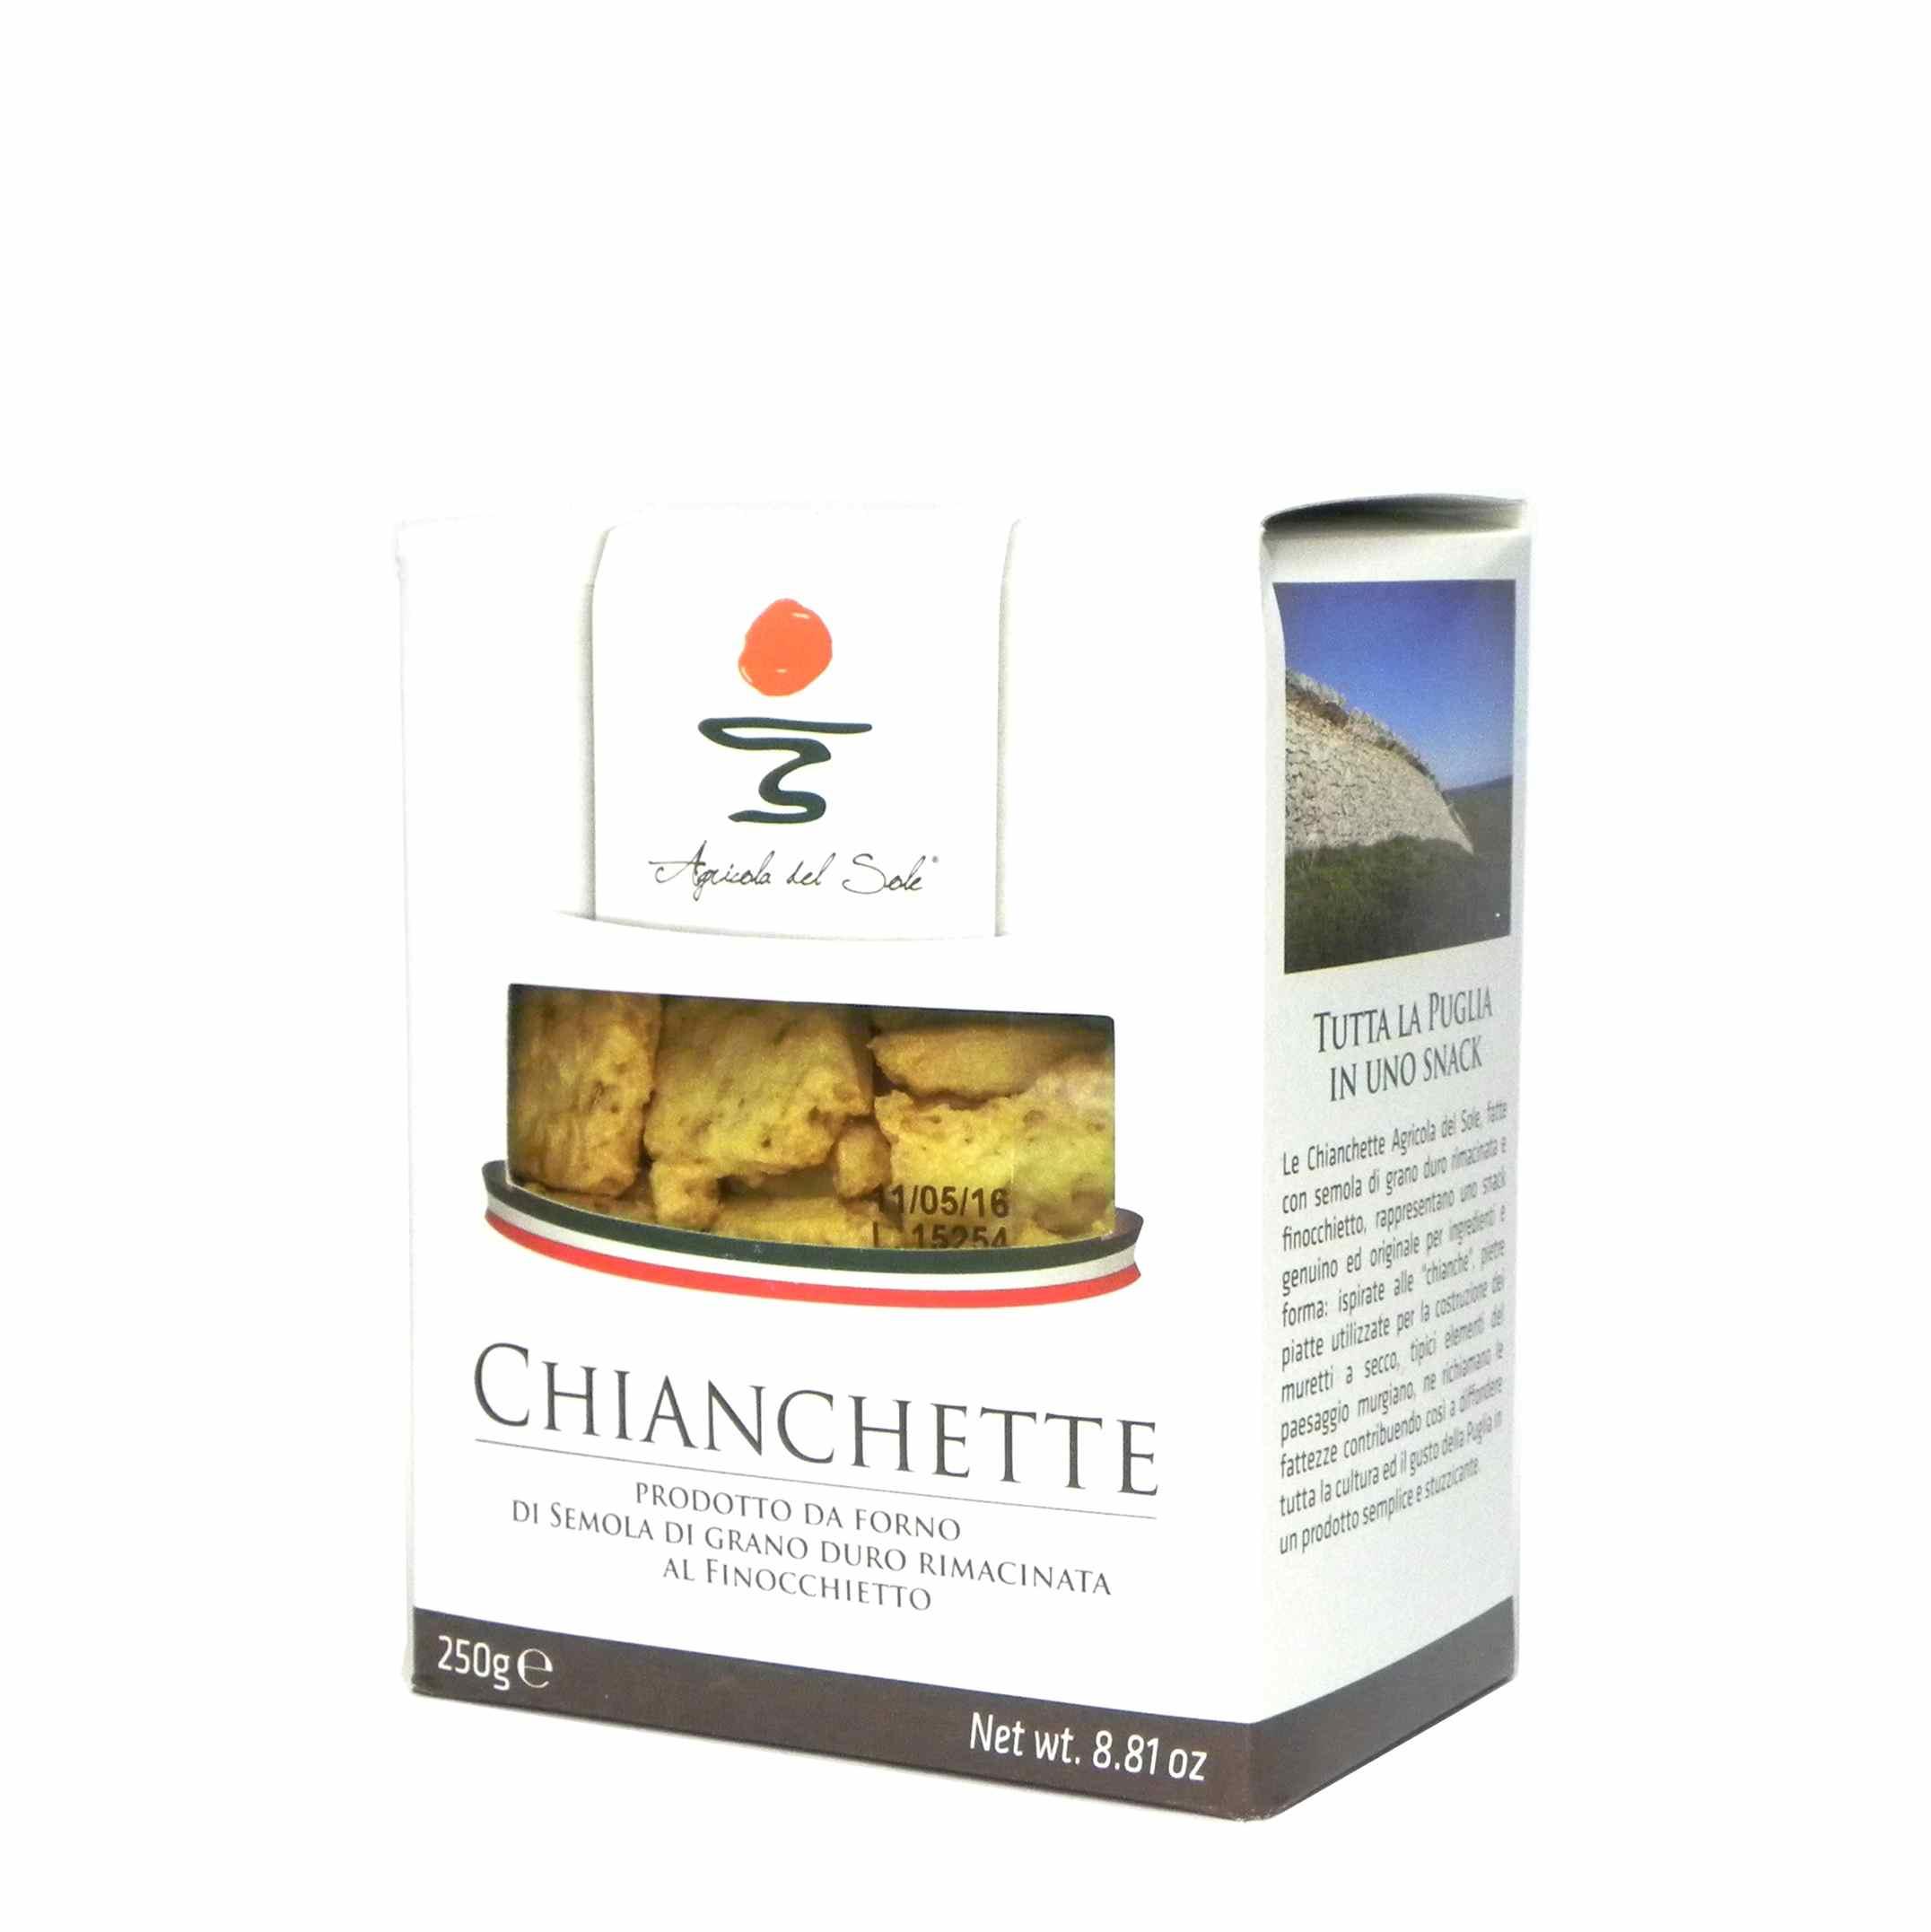 Agricola del Sole Chiancgette – Apulia Chianchette – Gustorotondo – Italian food boutique